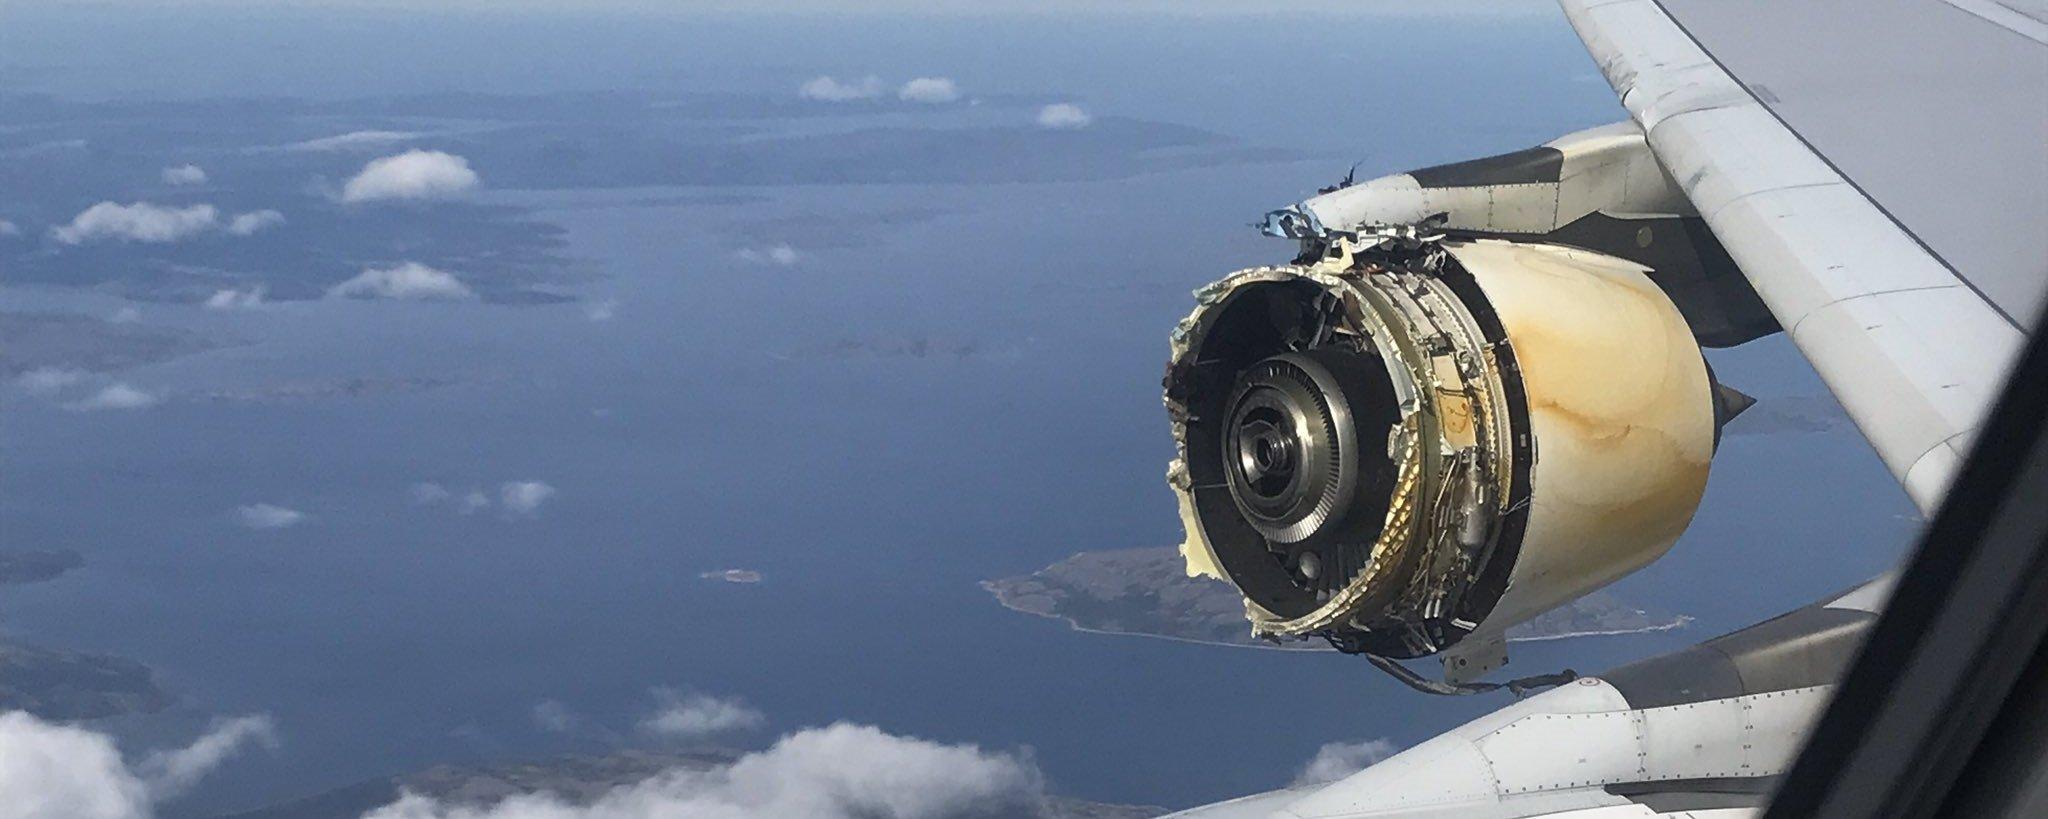 Passageiros filmam motor de avião francês destruído em pleno ar